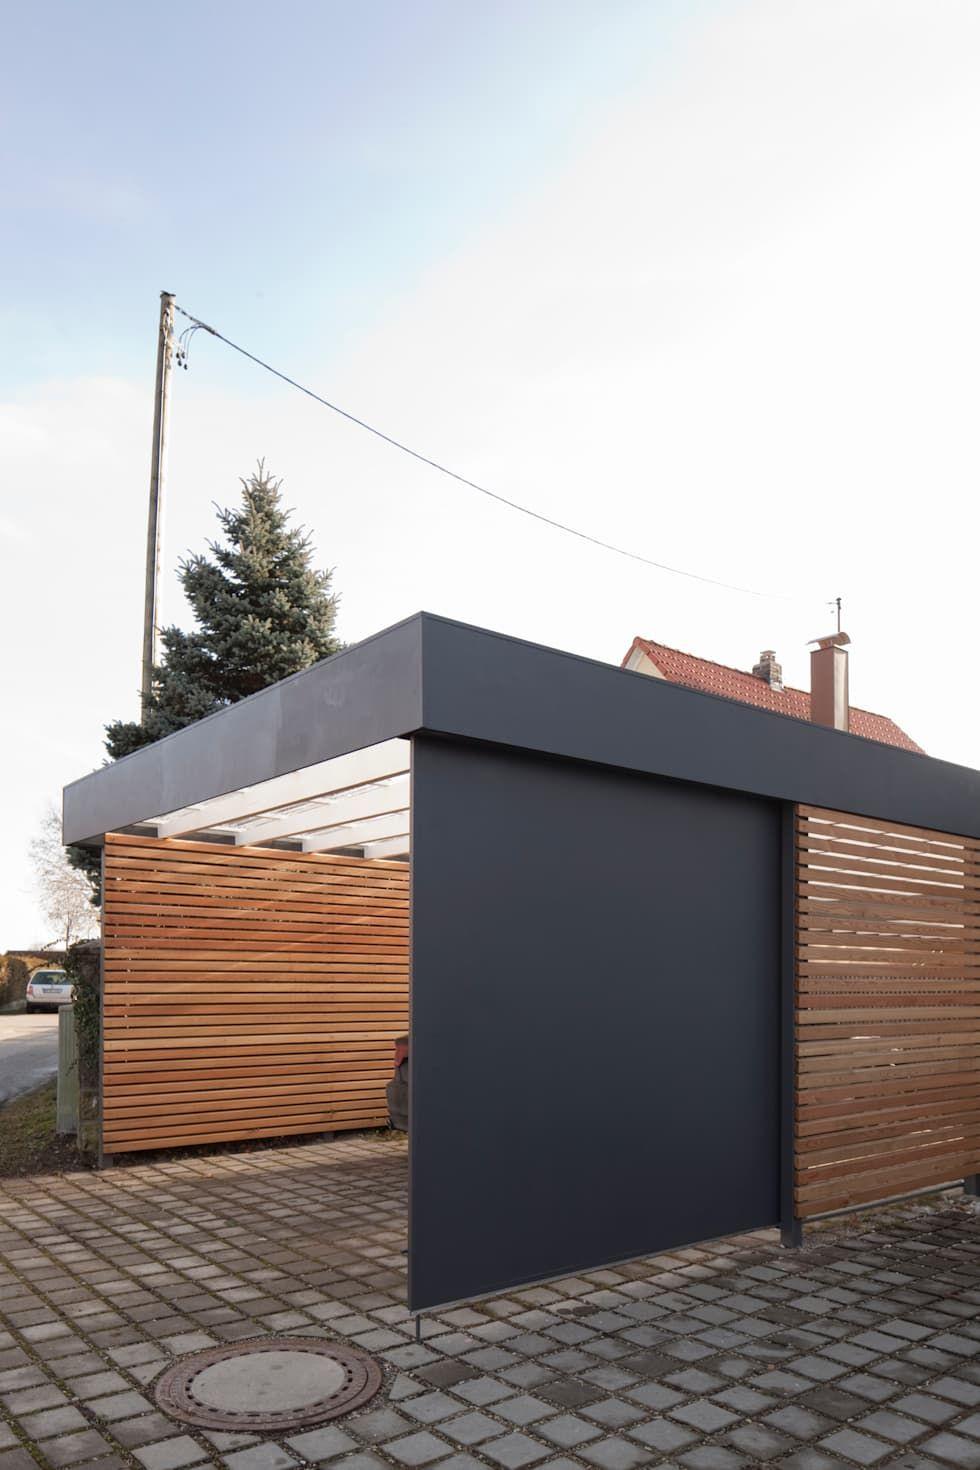 Carport Moderne Garagen Schuppen Von Architekt Armin Hagele Modern Homify Moderne Garage Carport Modern Garage Dekorieren